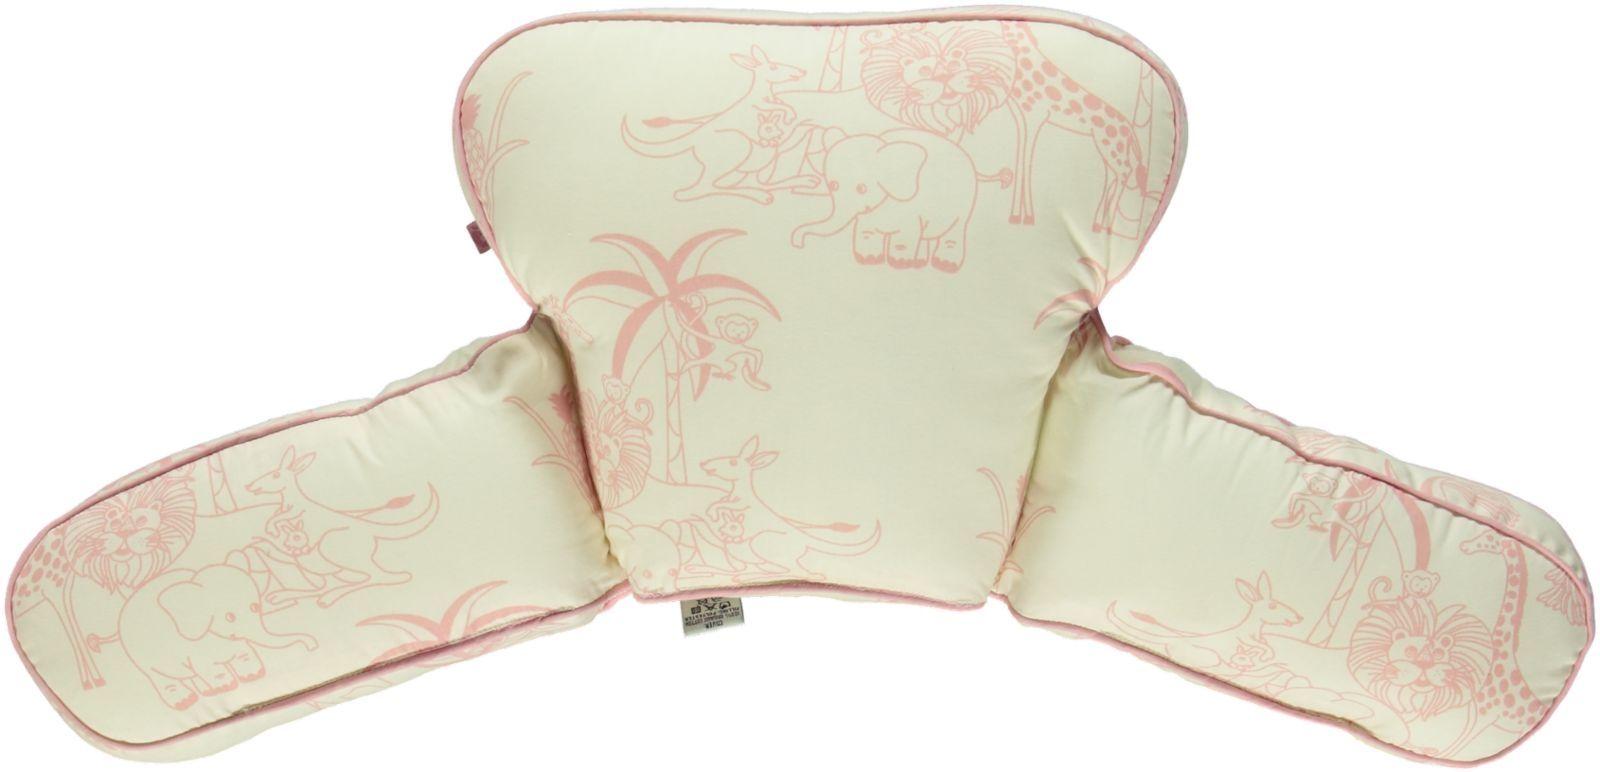 Image of Barnevognspude fra Småfolk - Jungle - Silver pink (82-8631-508)